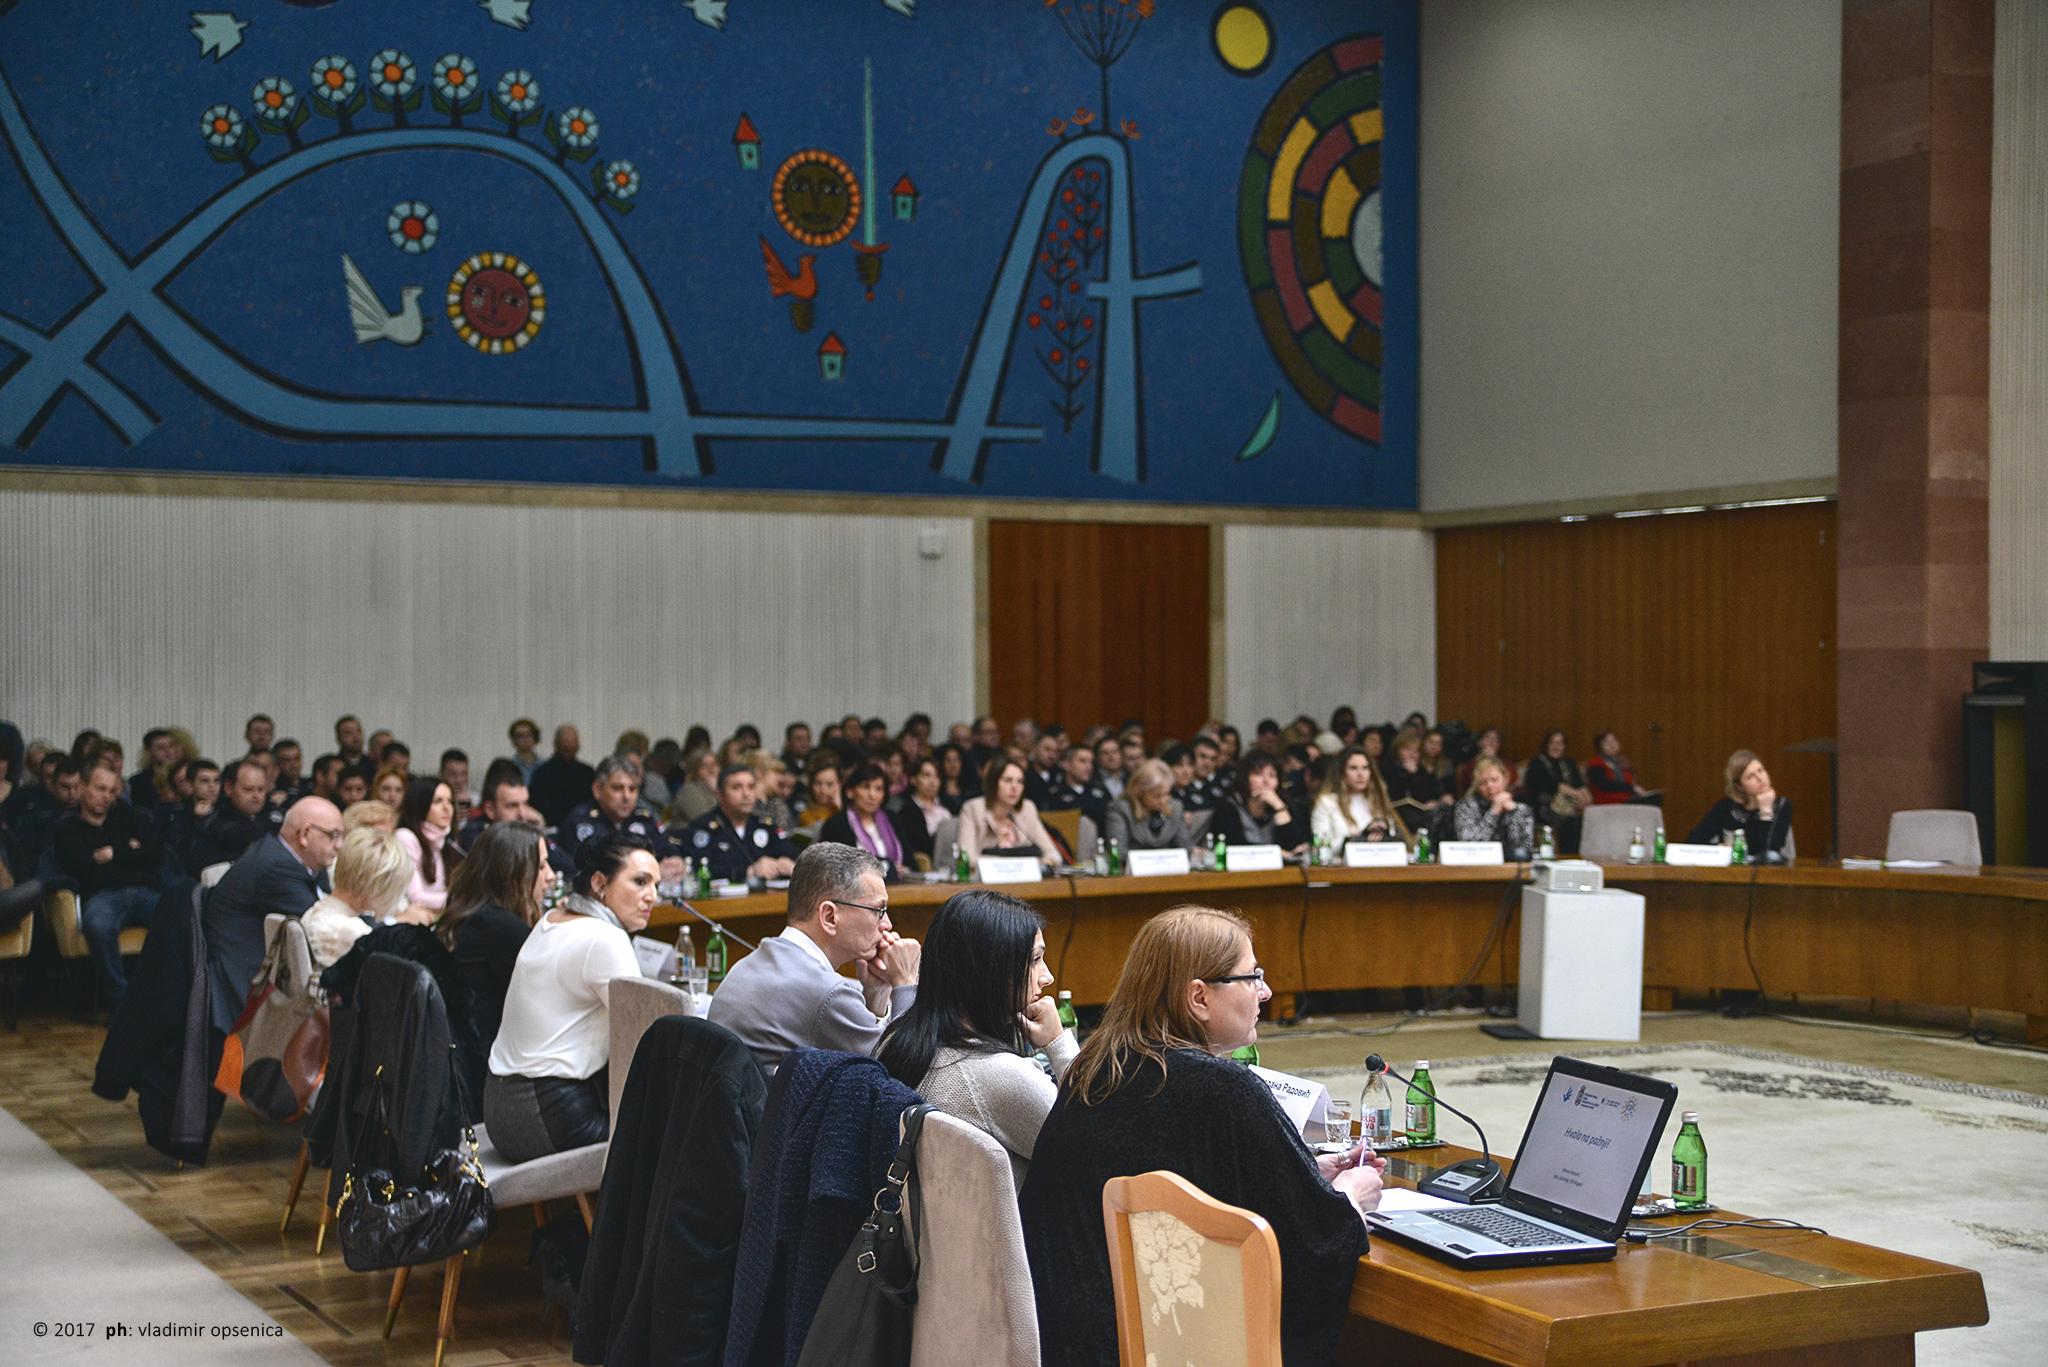 """Konferencija """"Napredni treninzi za rad sa seksualnim i rodnim manjinama i njihovim porodicama u sistemu socijalne zaštite"""" organizacija Kancelarija za ljudska i manjinska prava Vlade Republike Srbije i Asocijacijacija DUGA 10. Februar 2017, Palata Srbija  Konferencija se realizuje u okviru projekta """"Stvaranje tolerancije i razumevanja prema LGBT populaciji u srpskom društvu"""" koji fininasira ambasada Kraljevine Norveške, a realizuje Kancelarija za ljudska i manjinska prava Vlade Republike Srbije  © 2017 ph: vladimir opsenica"""